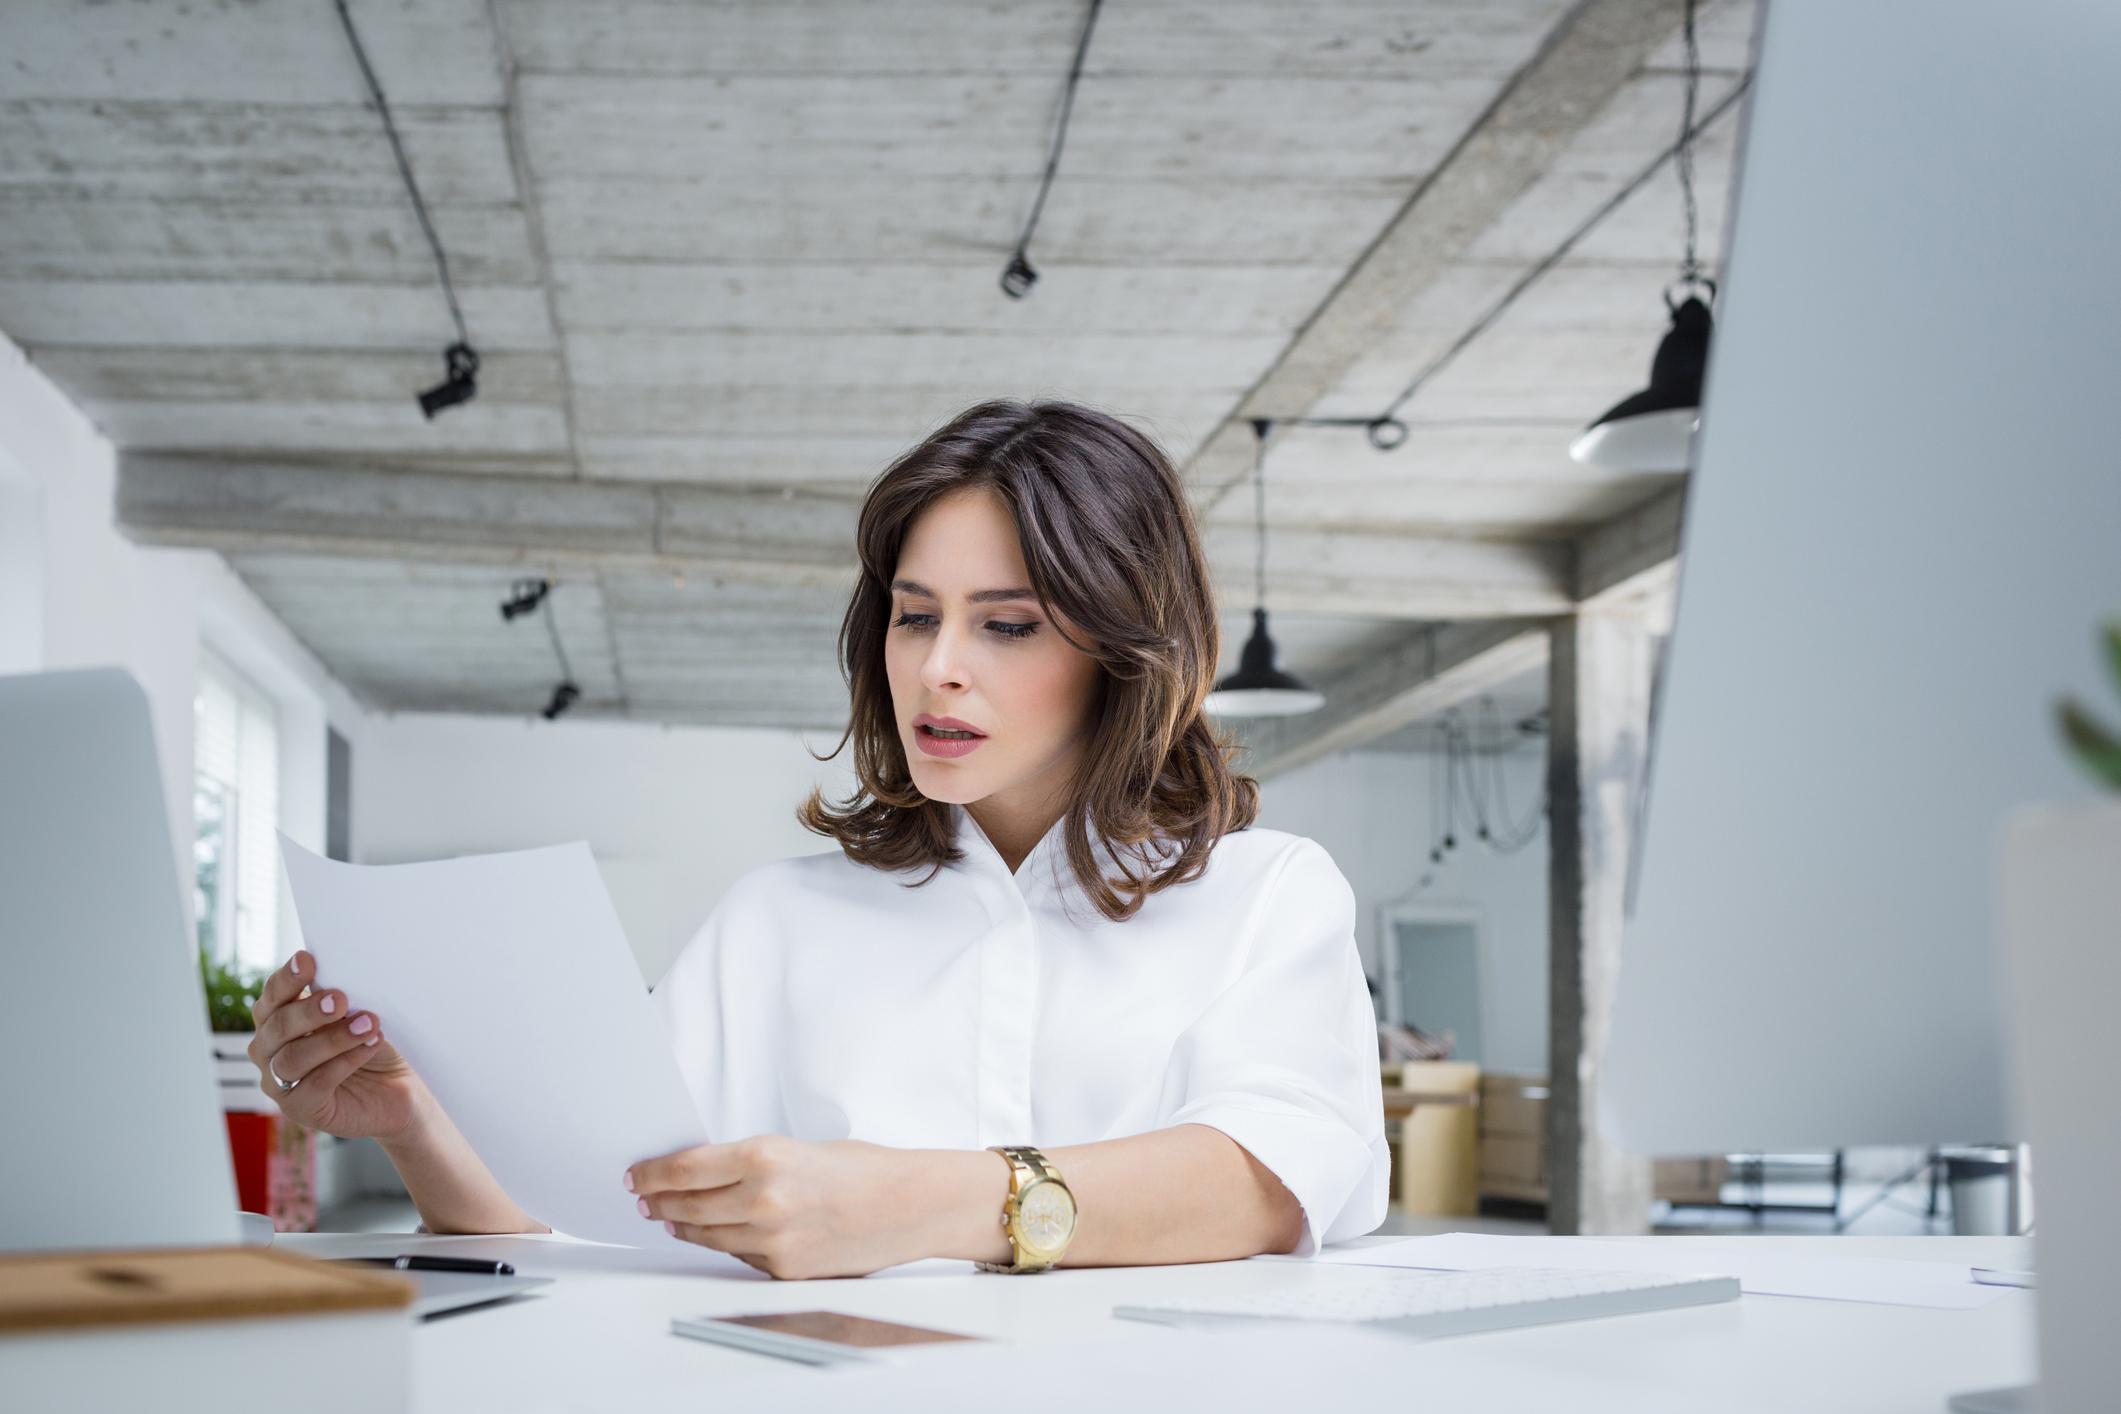 Jedna studija pokazala je kako radnici koji rade prosječnih 11 sati dnevno imaju veći rizik za razvoj depresije.